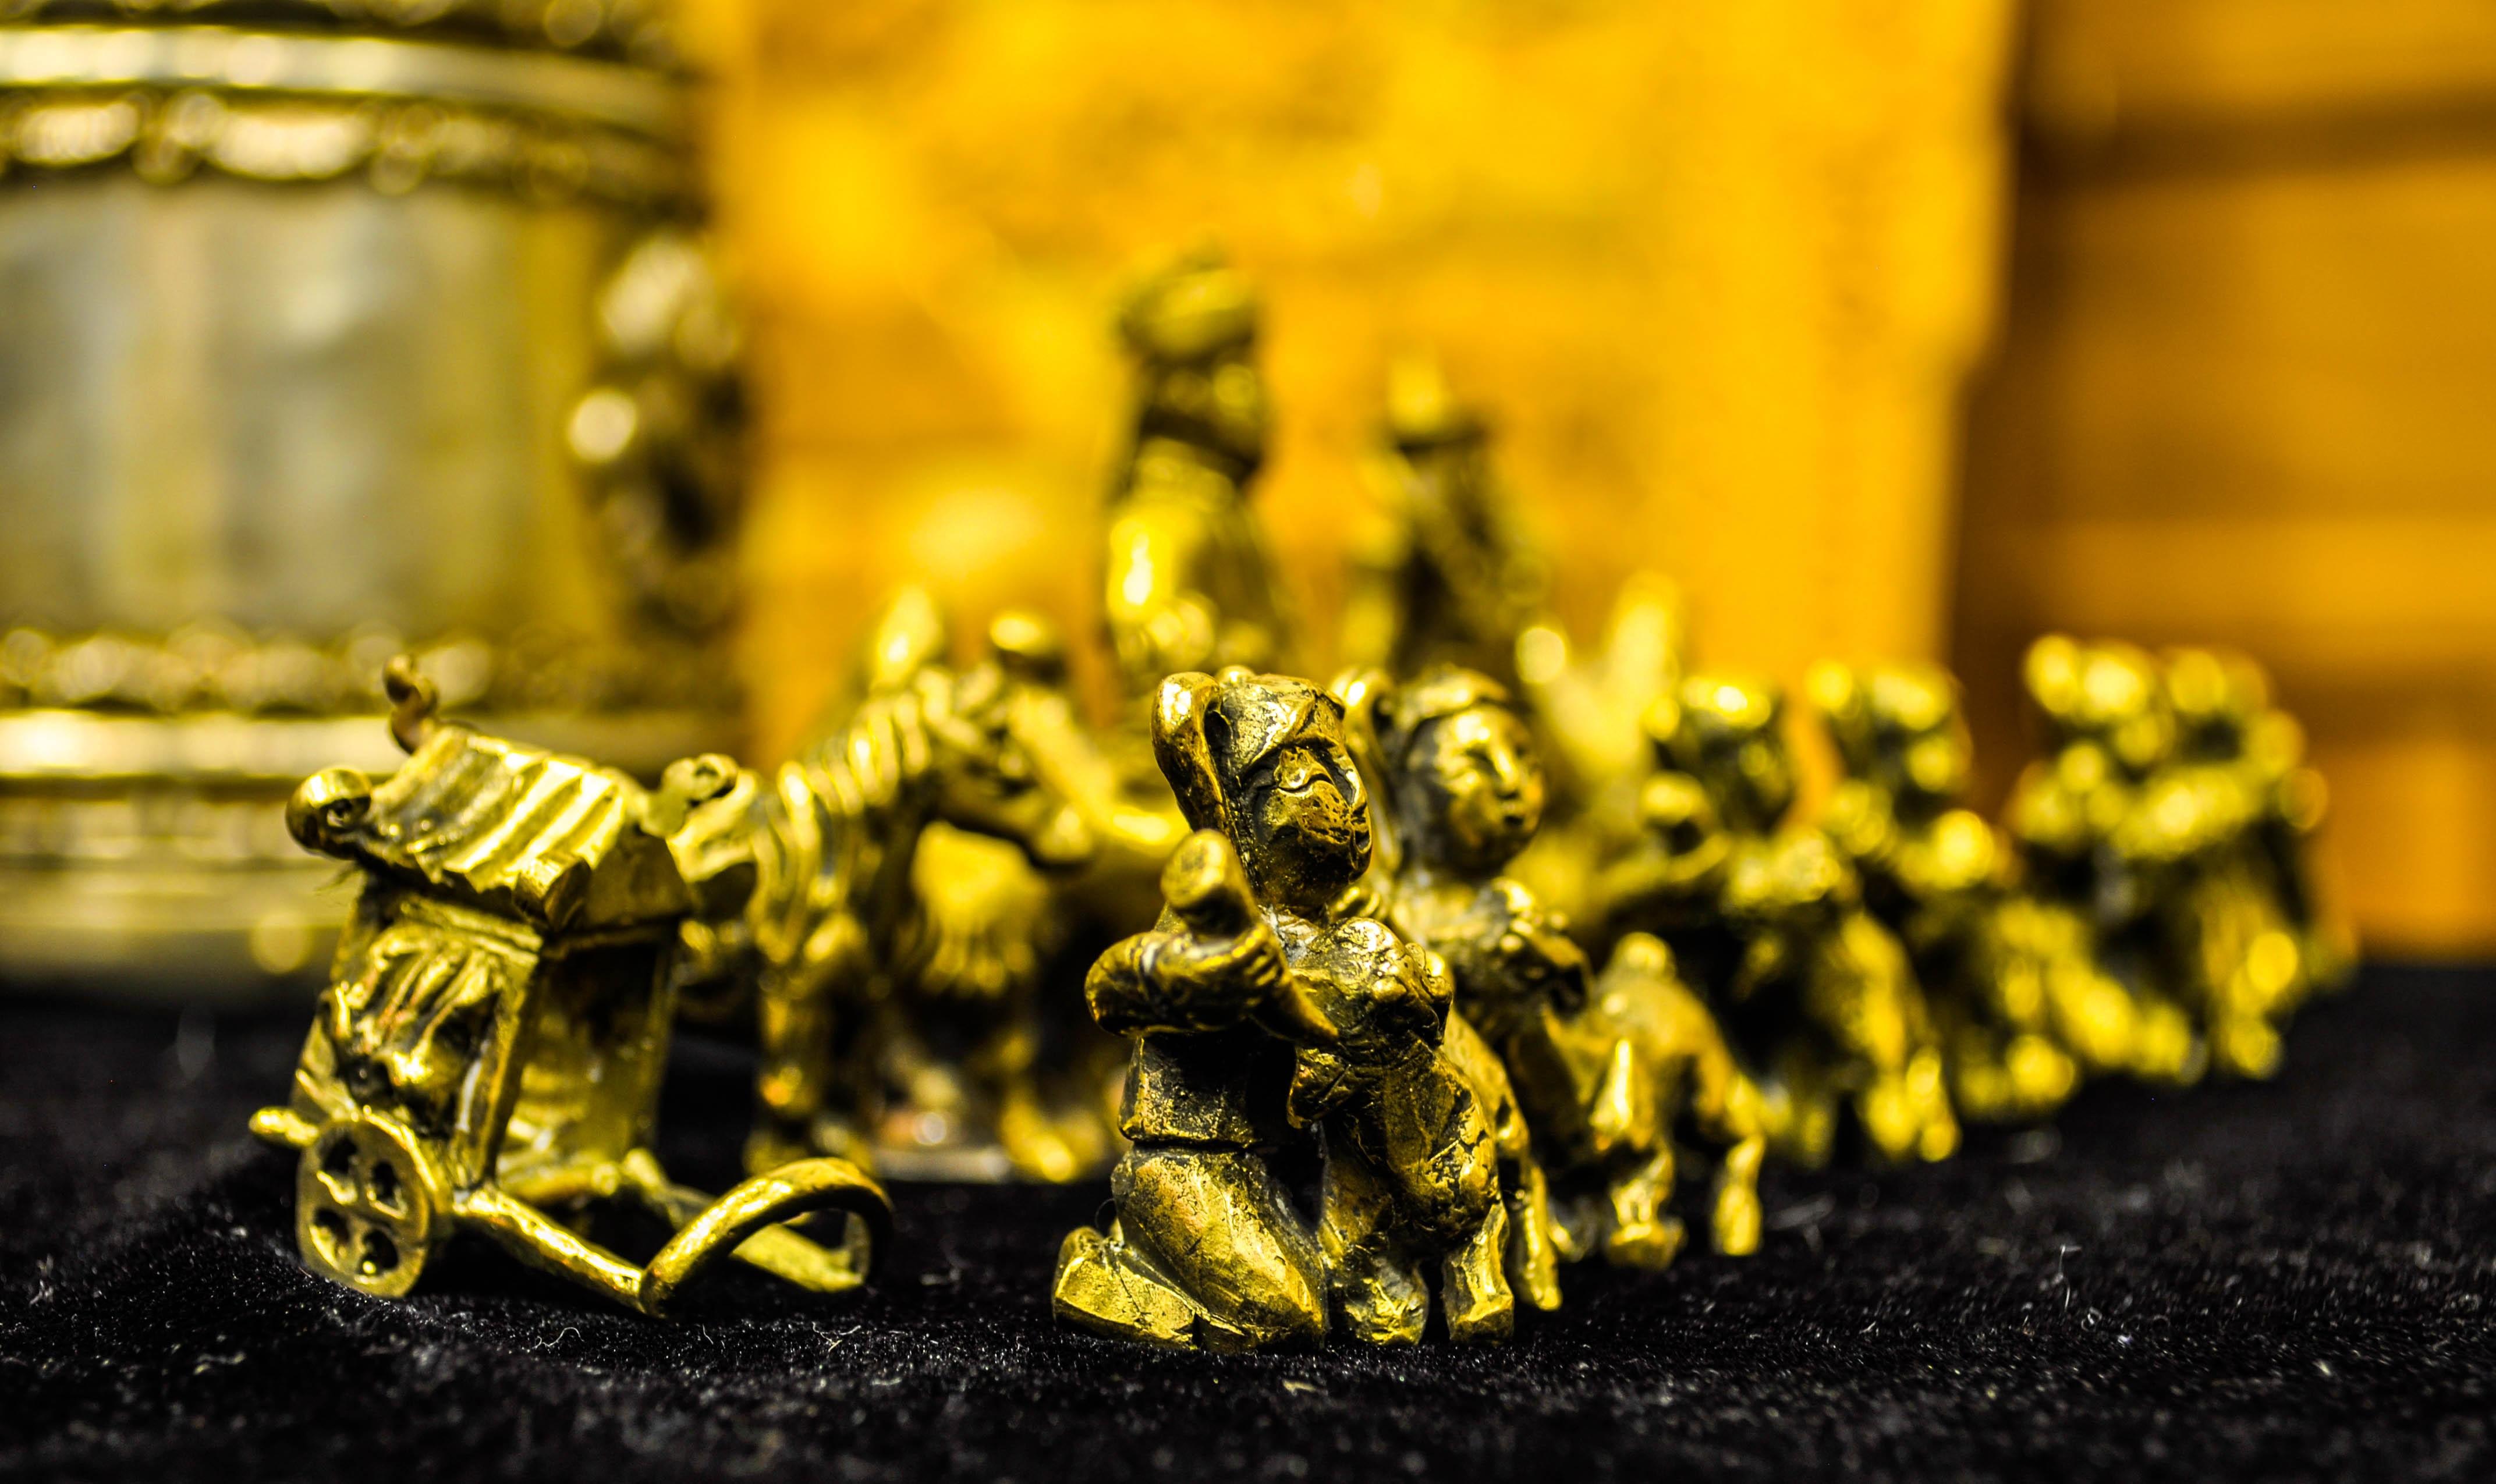 tablero antiguo juego jugar flor antiguo metal amarillo oro diseo ajedrez hecho a mano juegos mongolia